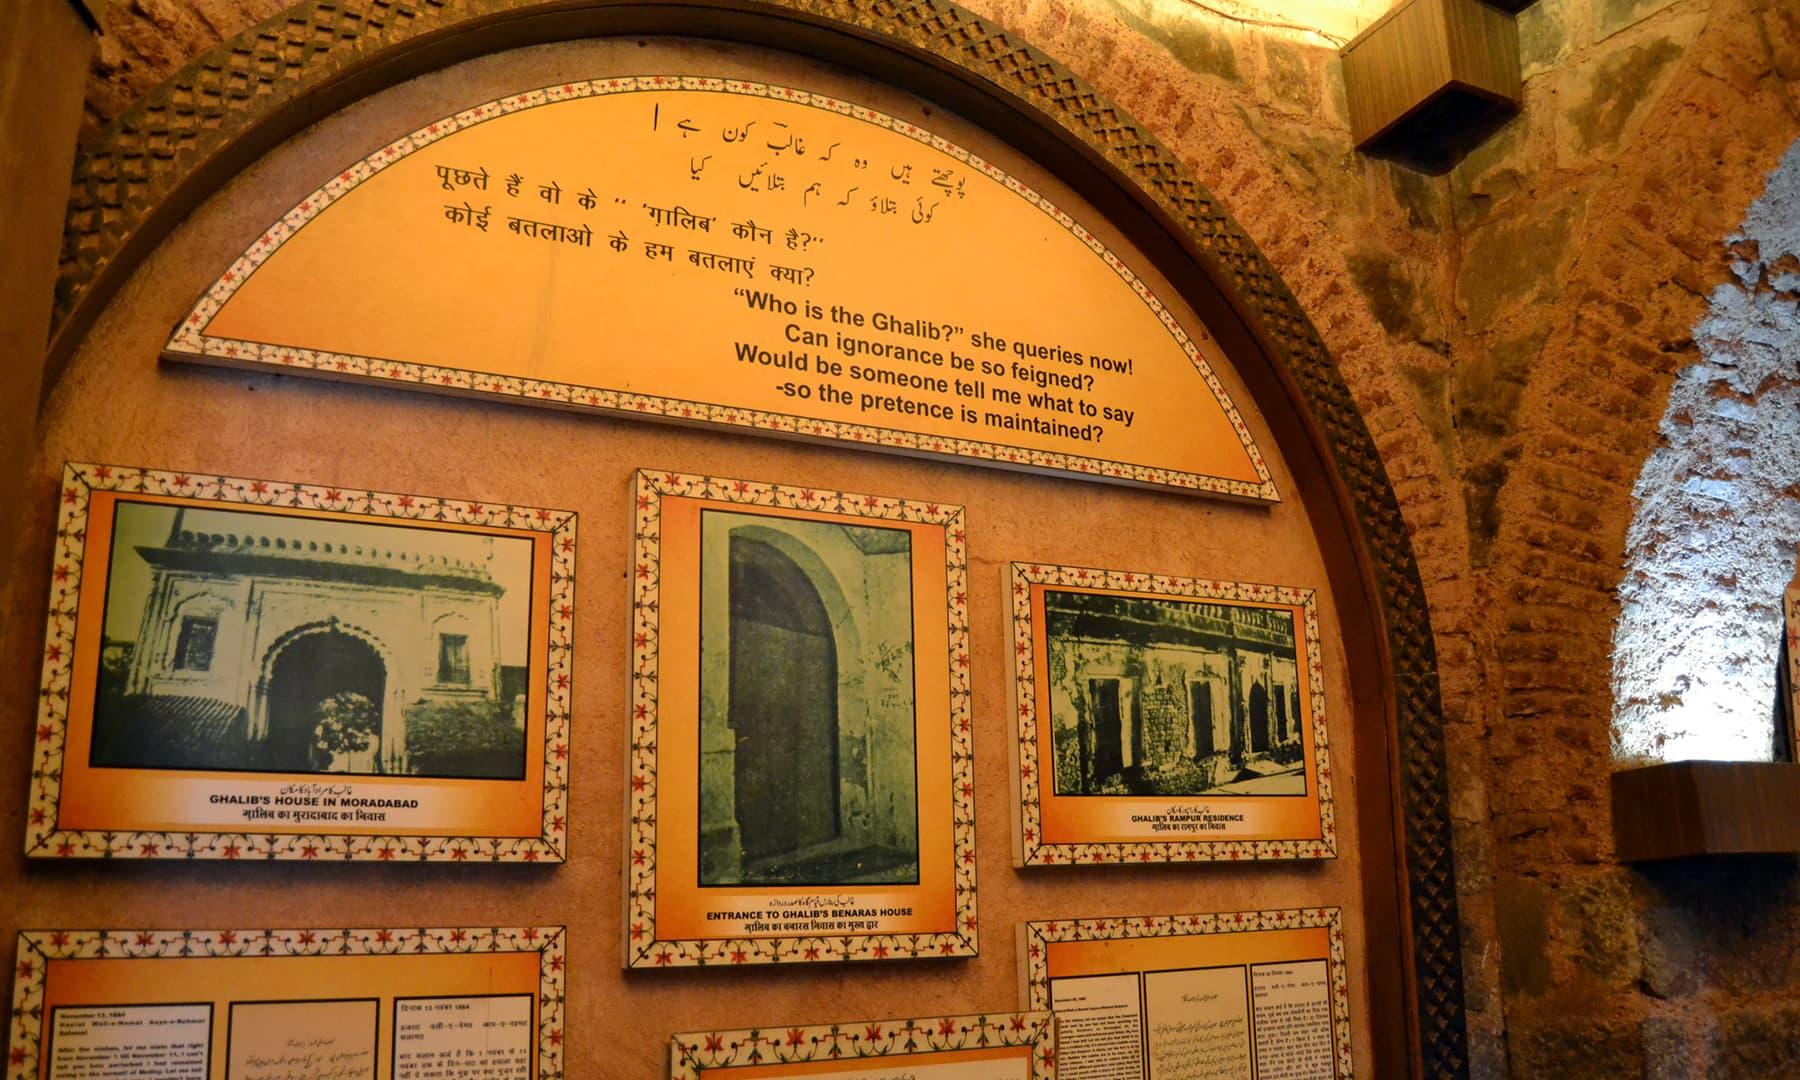 غالب حویلی کے اندر محراب اور مغلیہ دور کی طرزِ تعمیر دیکھنے کو ملتی ہے — تصویر ذیشان احمد